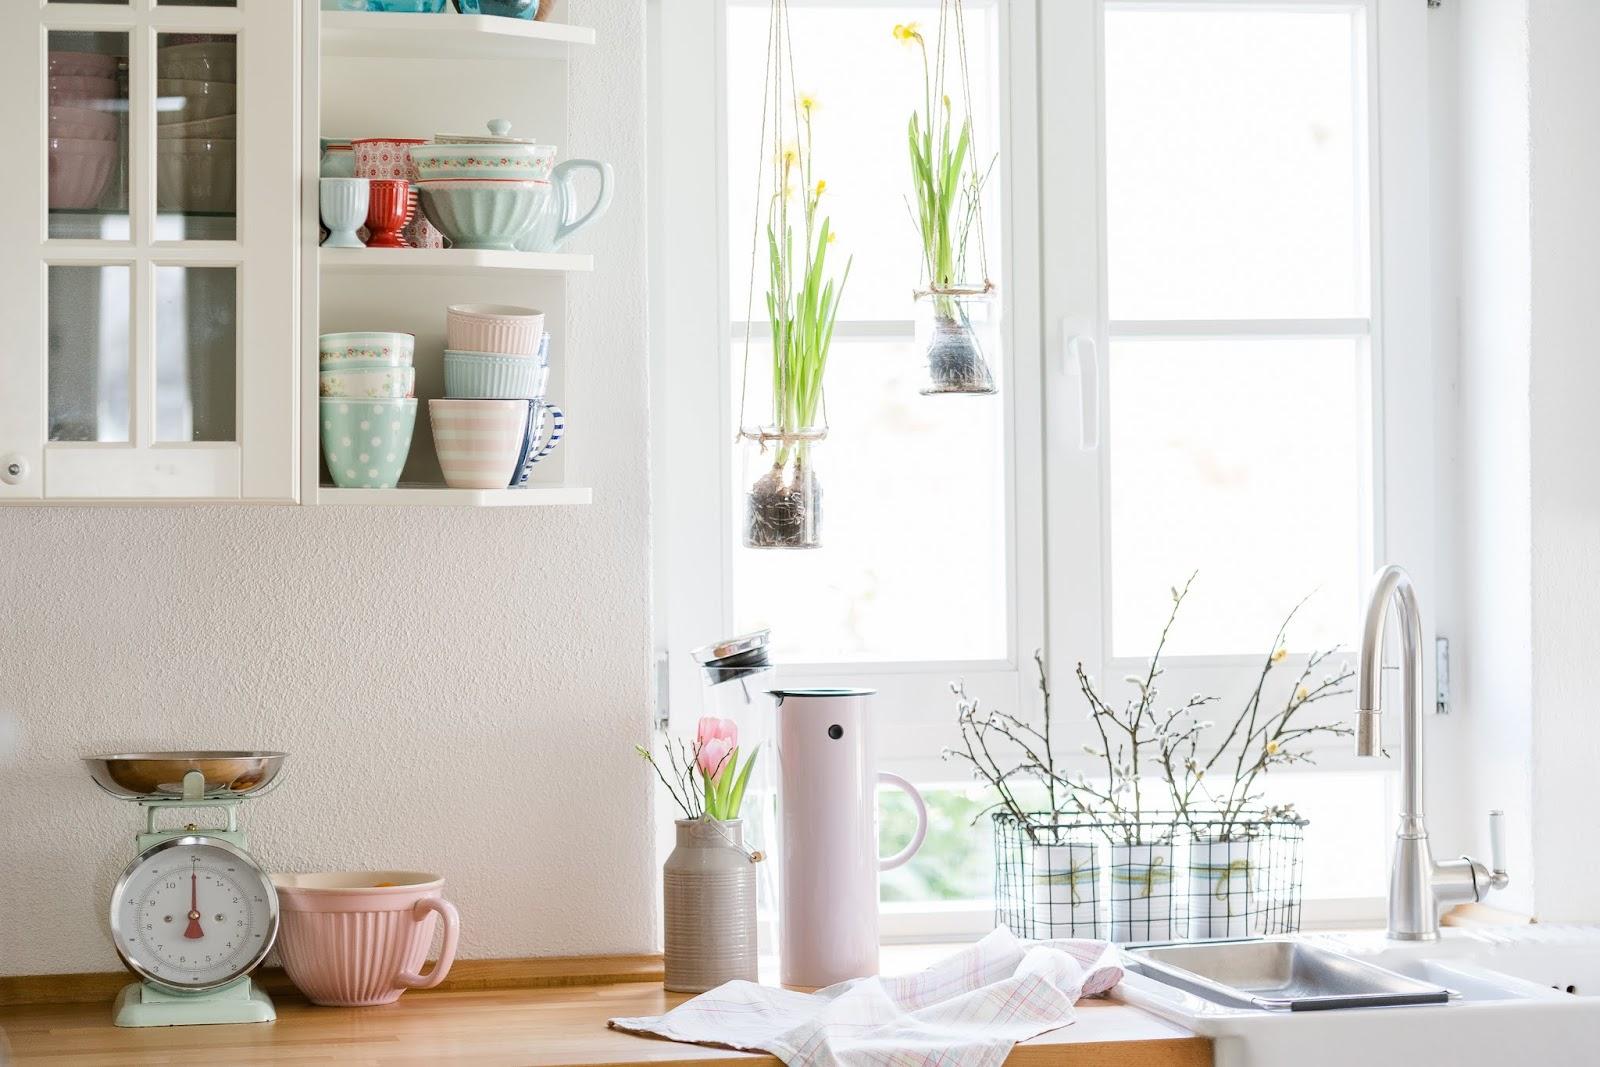 kitchenstories oder meine lieblingsecke in der k che pomponetti. Black Bedroom Furniture Sets. Home Design Ideas